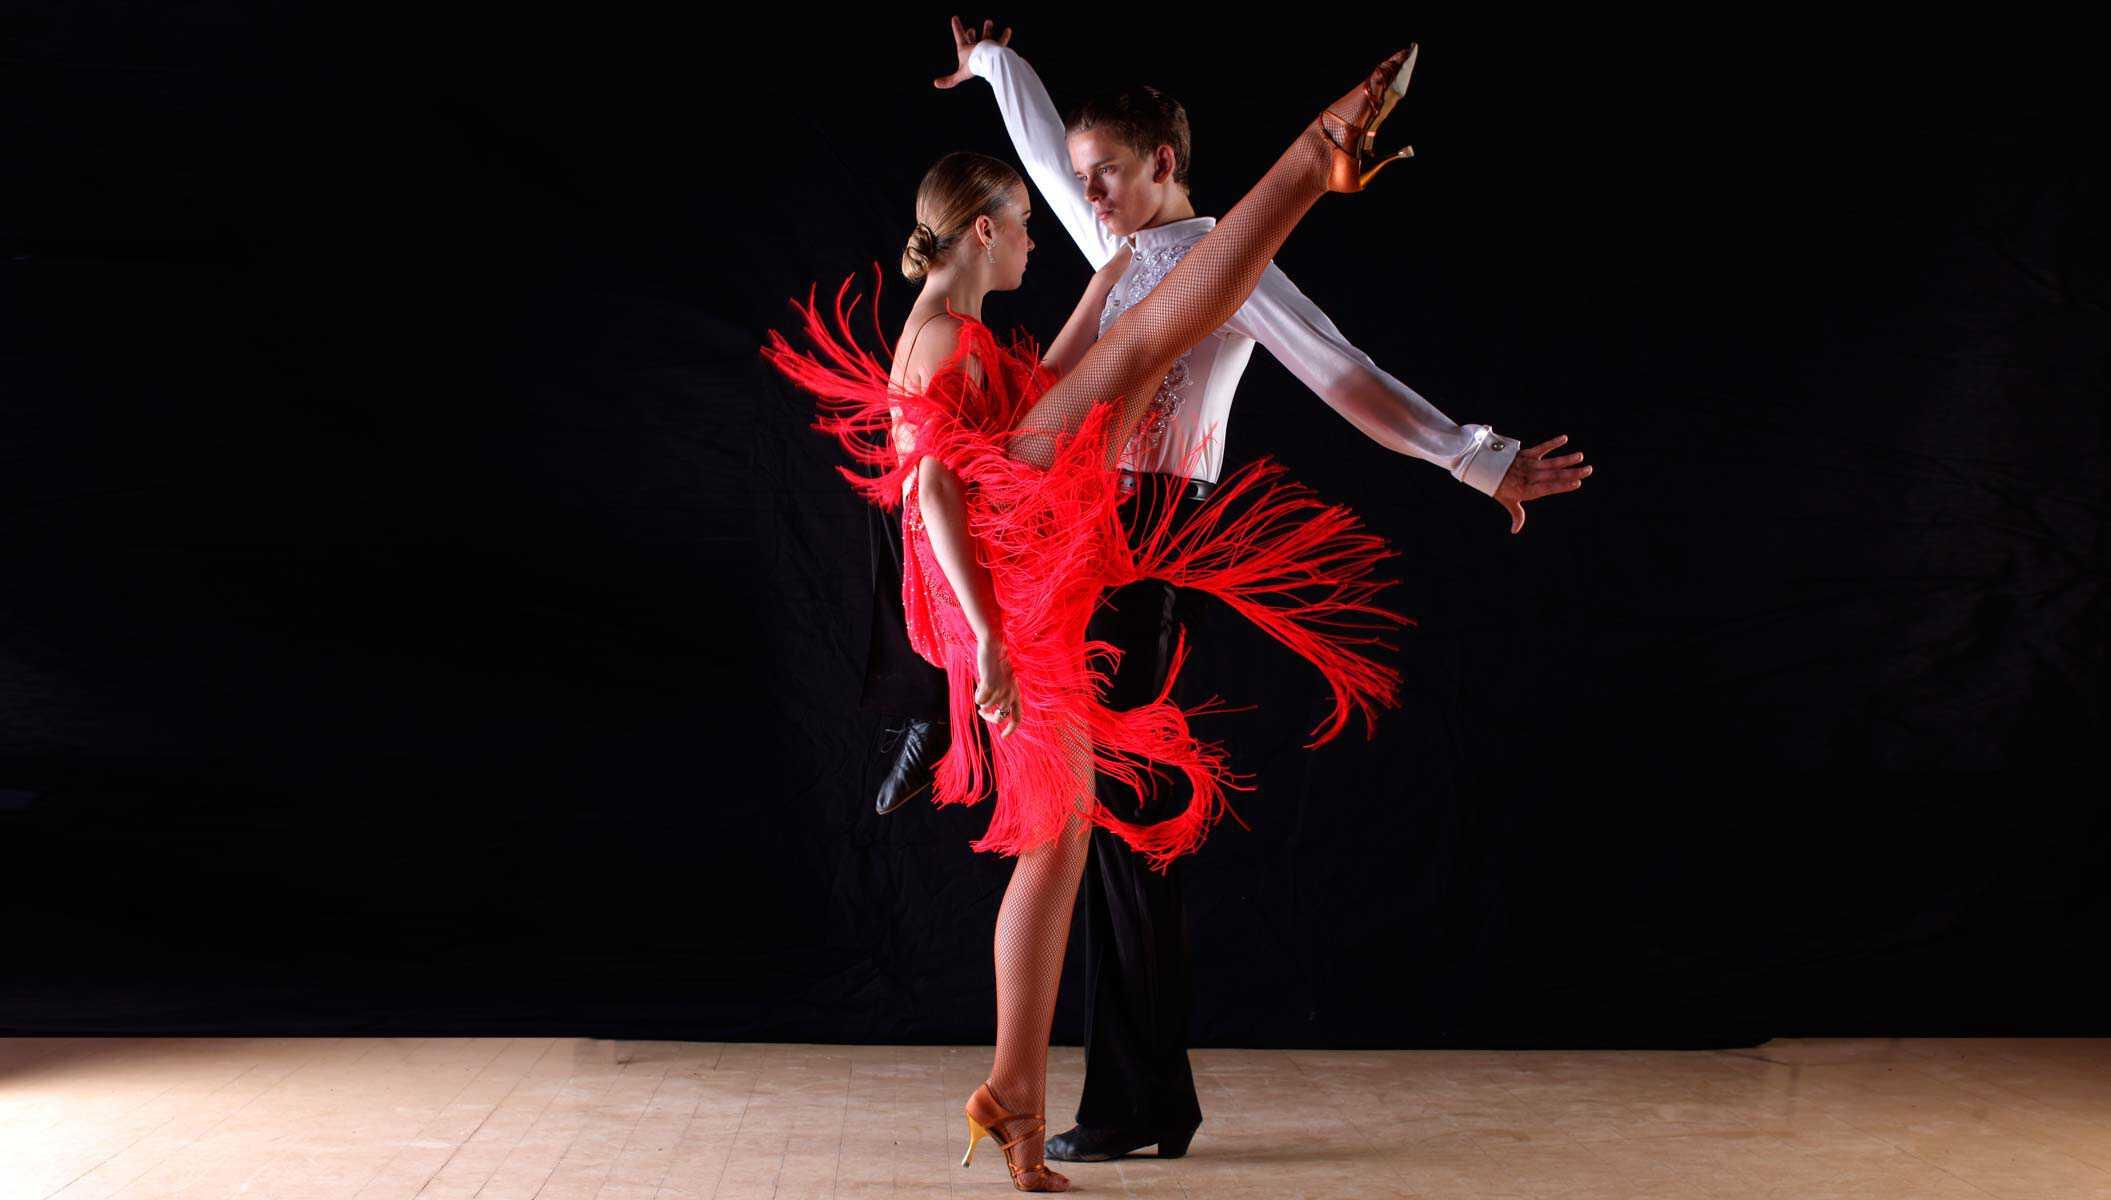 Photo of В столице пройдут бесплатные уроки латины В столице пройдут бесплатные уроки латины В столице пройдут бесплатные уроки латины latinskie tanci